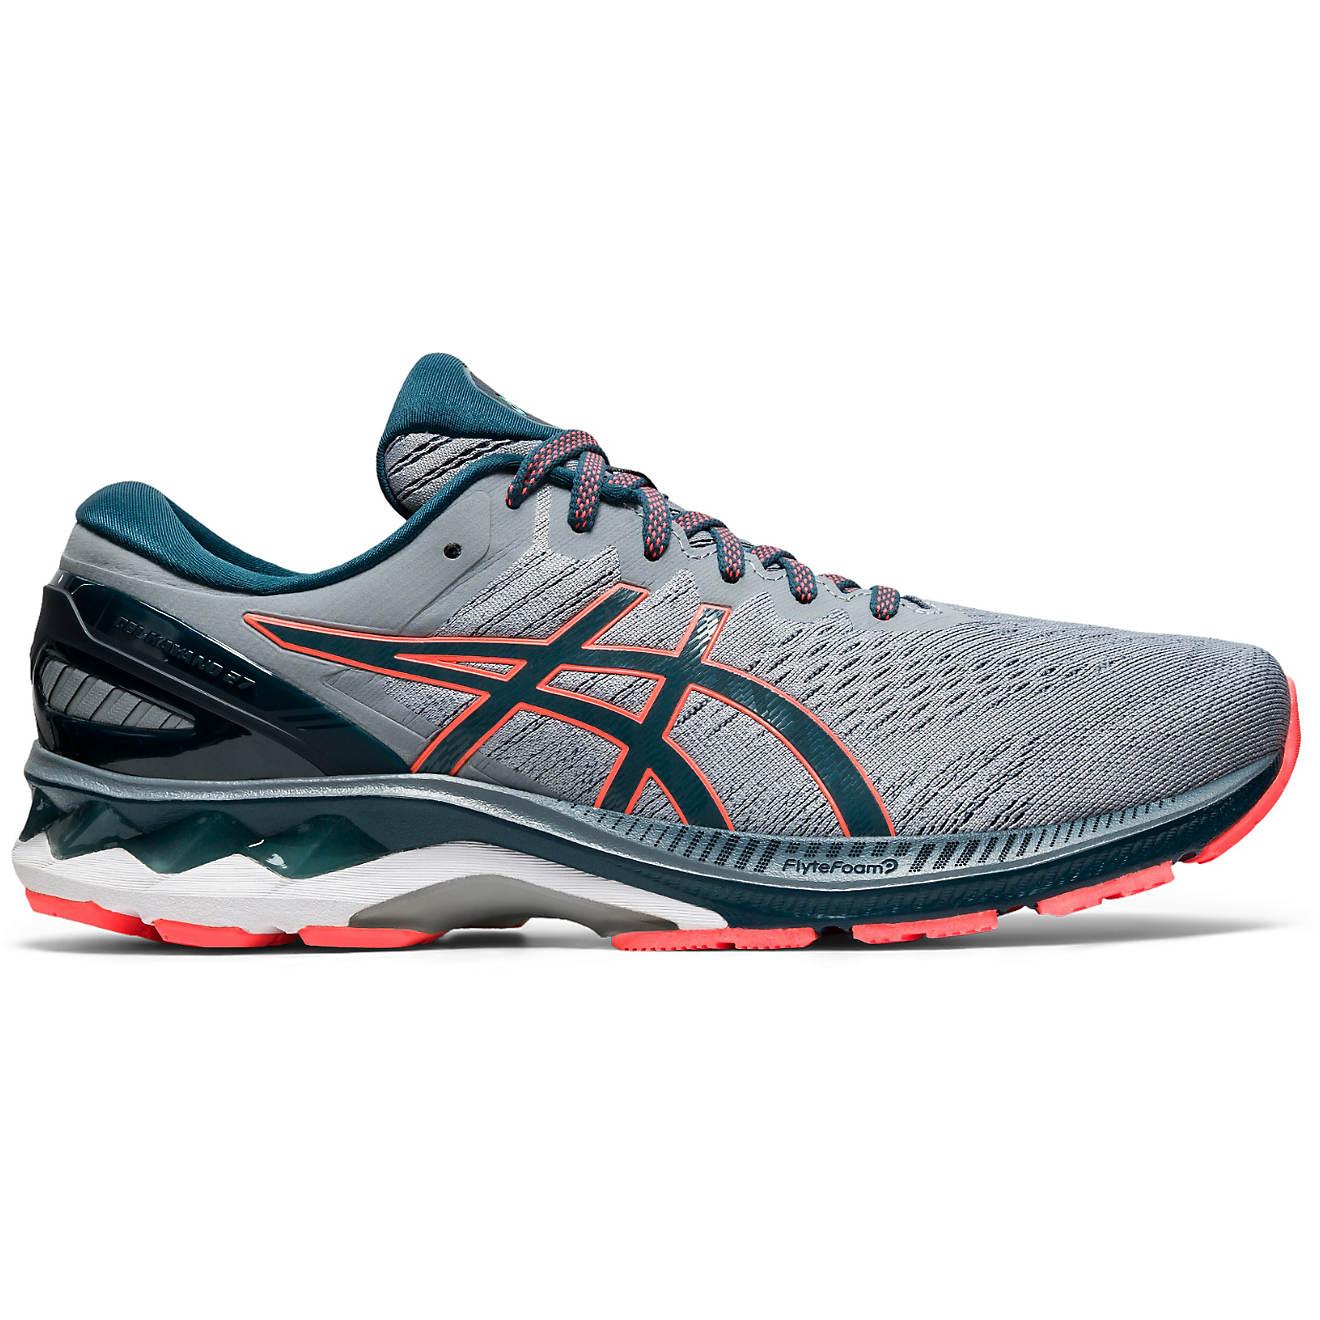 Asics Men's Gel-Kayano 27 Running Shoes $66.48 + free shipping